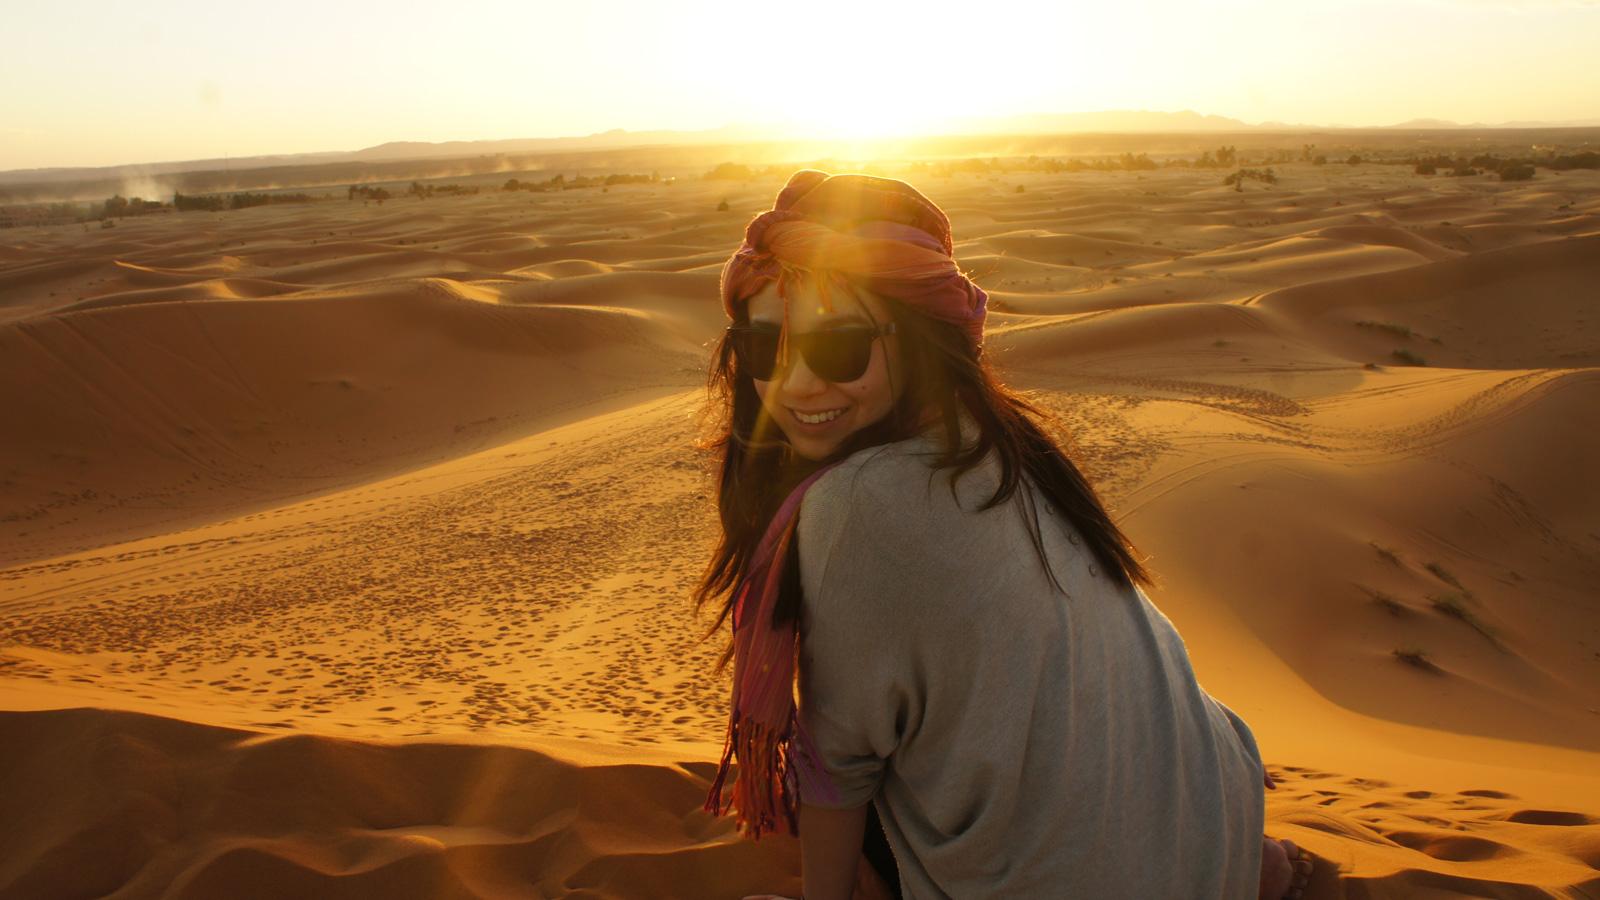 Marokko Adventure Reise Reisen für junge Leute traveljunkies